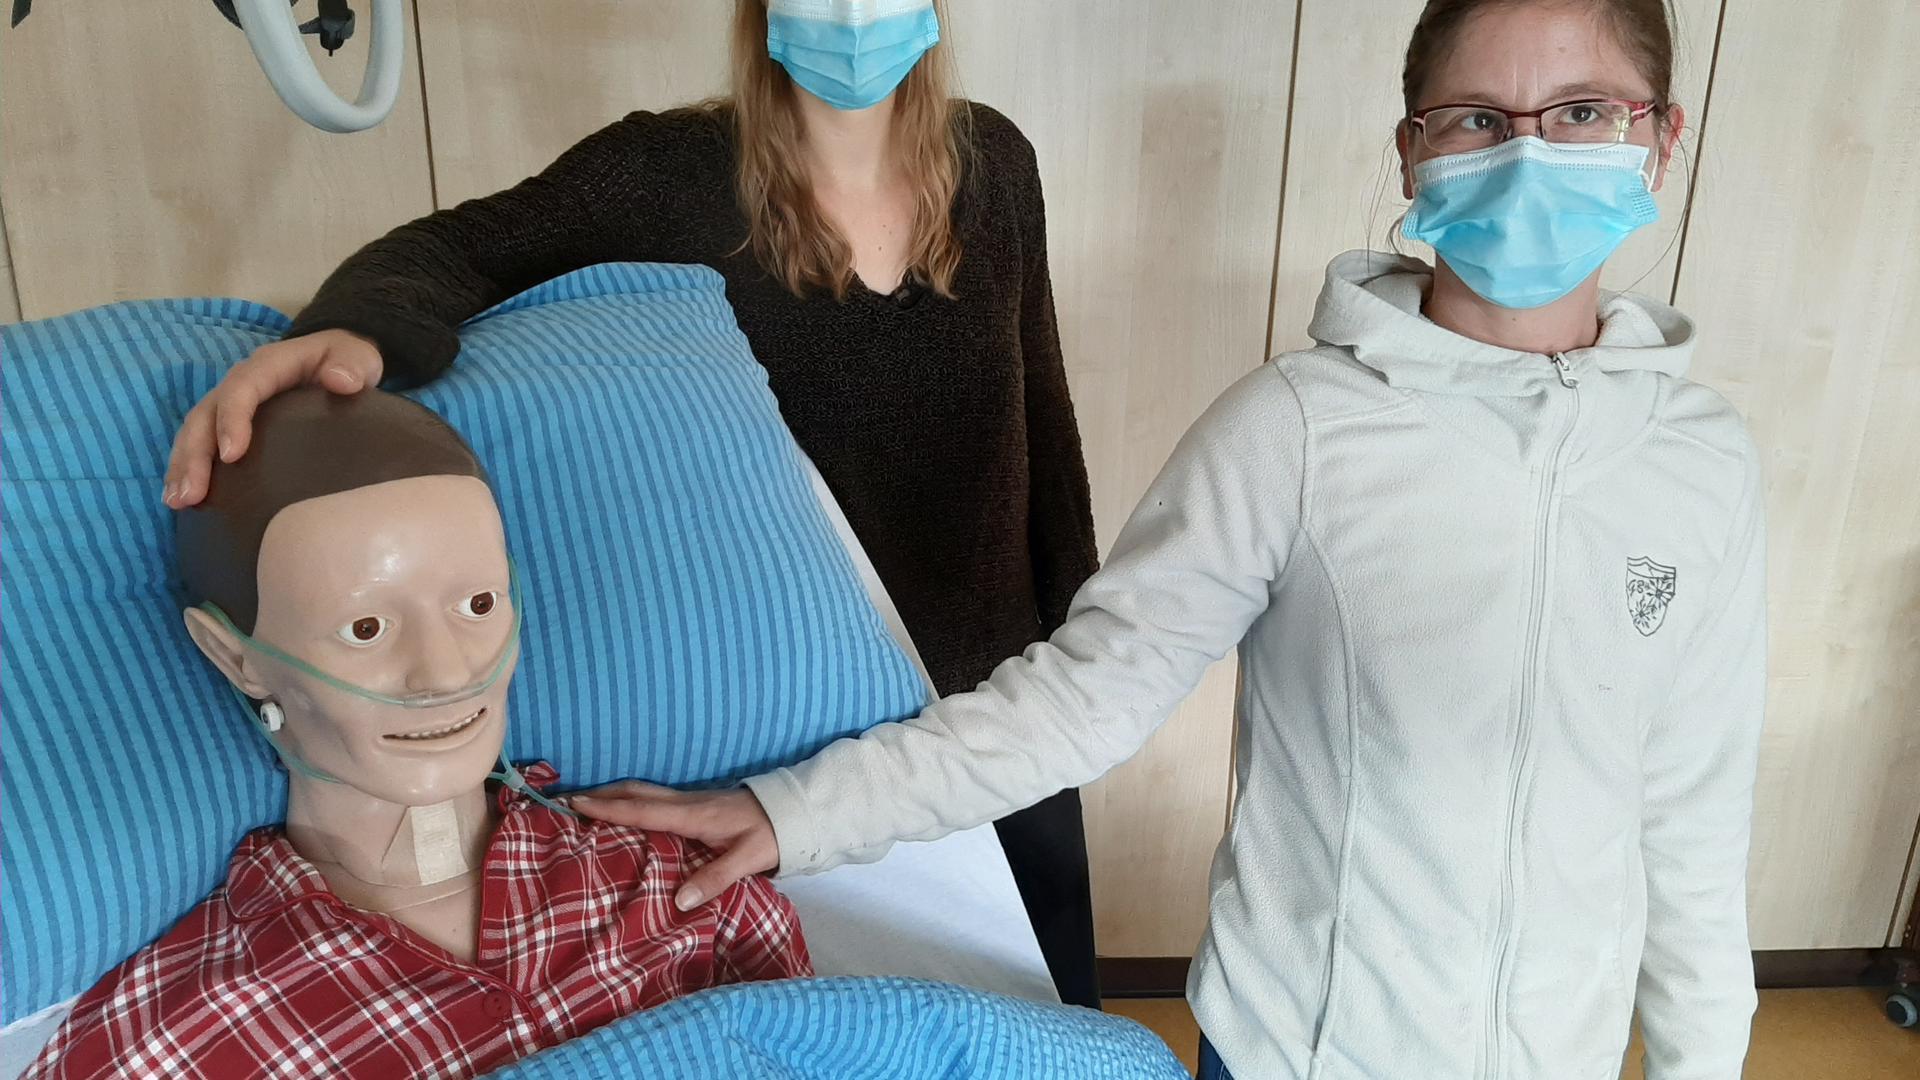 Neue Puppe im Skills Lab der Robert-Schumann-Schule Baden-Baden